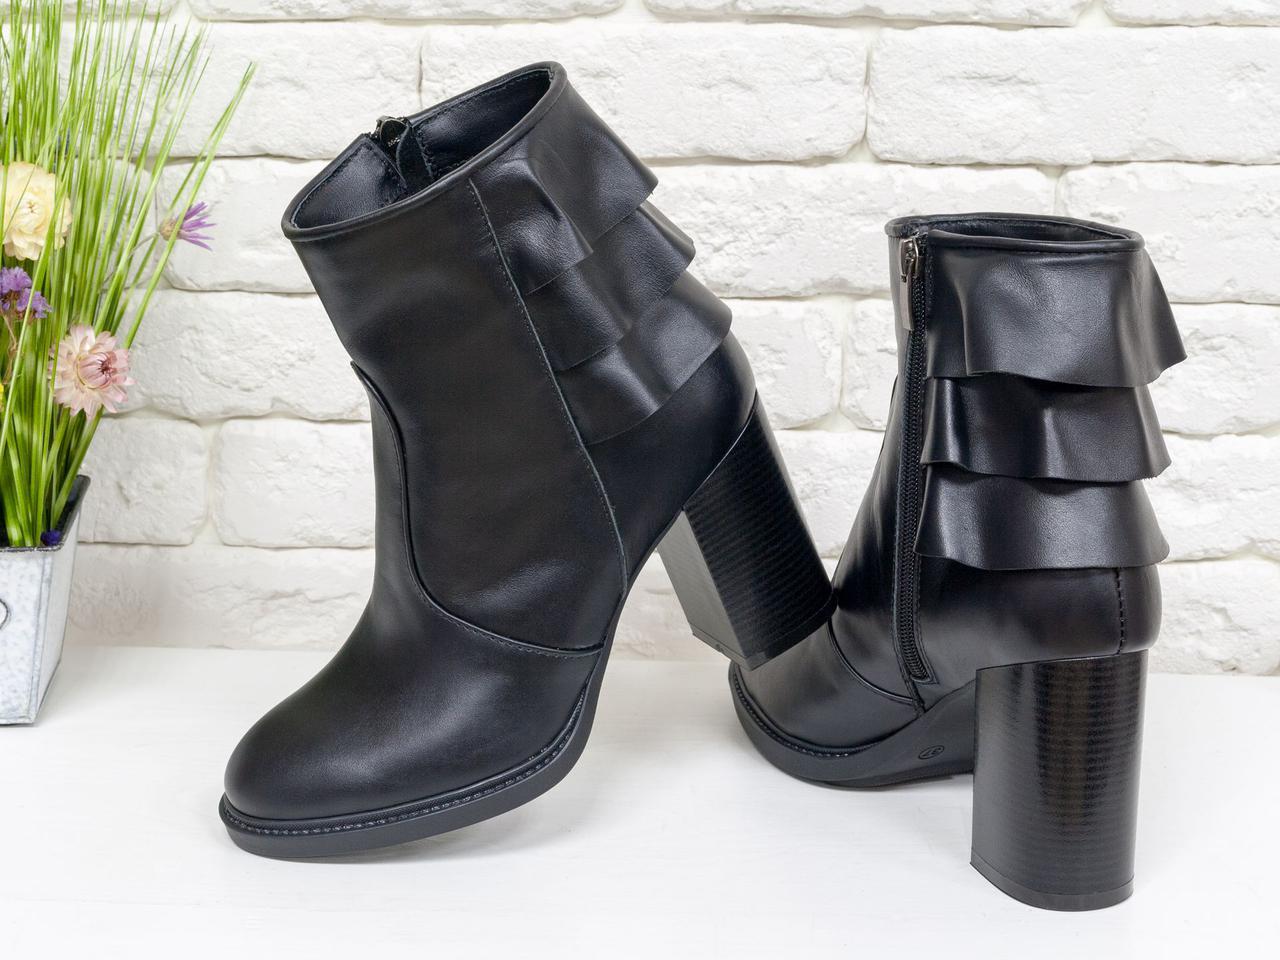 """Ботинки на устойчивом каблуке, выполнены в черной коже с отделкой в виде 3-х ярусной """"юбочки"""" над каблуком"""